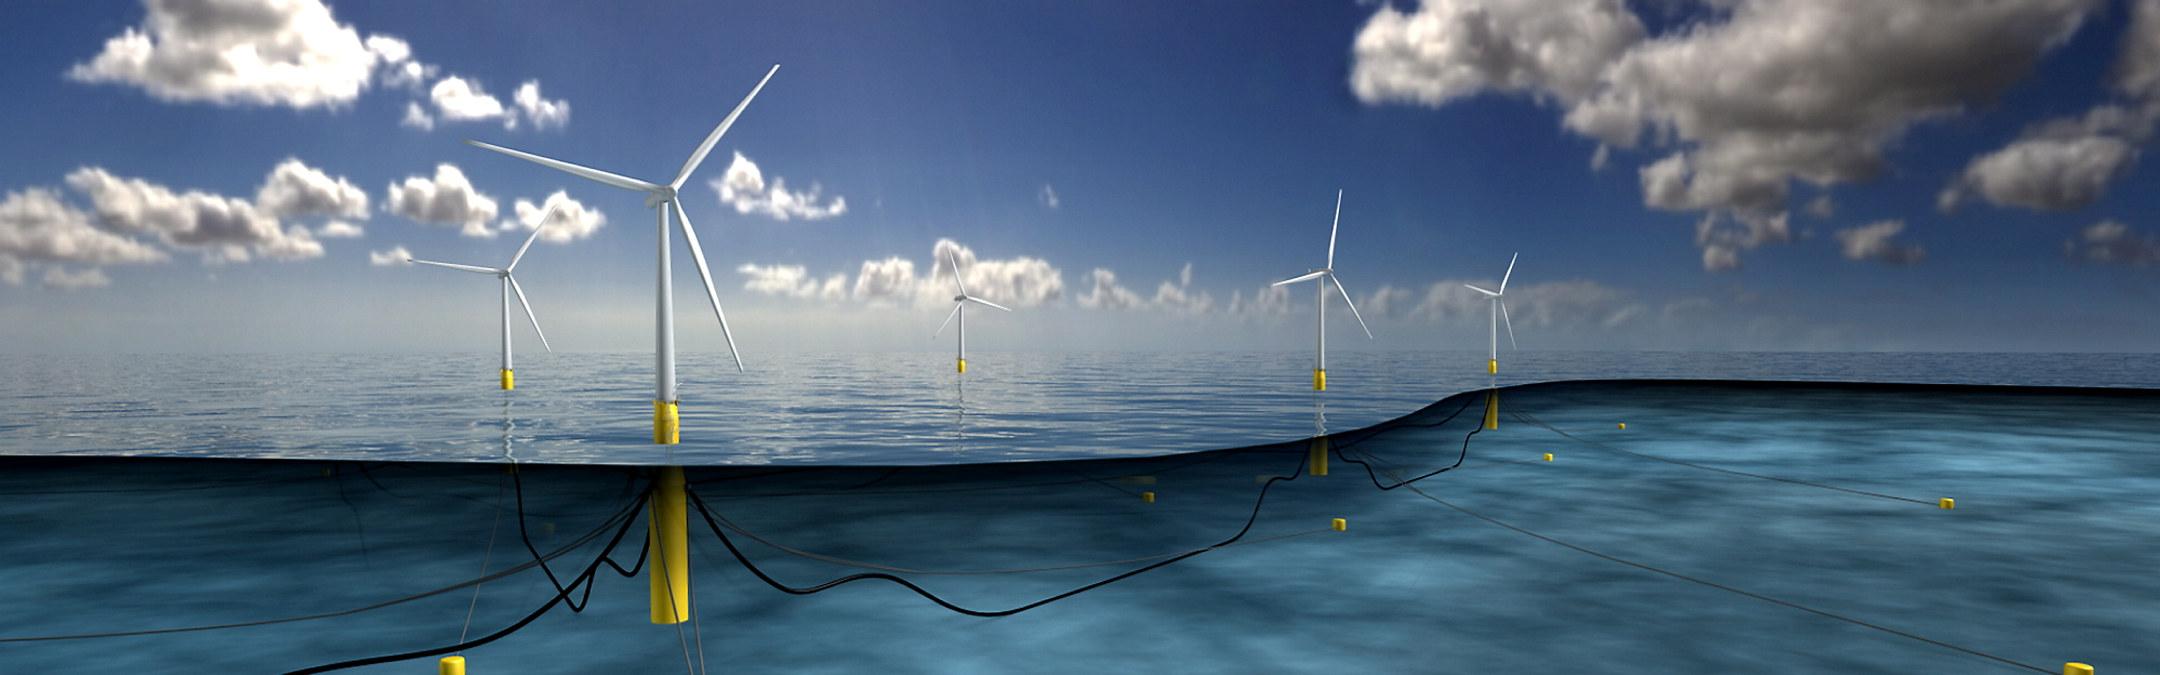 Illustrasjon av fem havvindmøller på sjøen